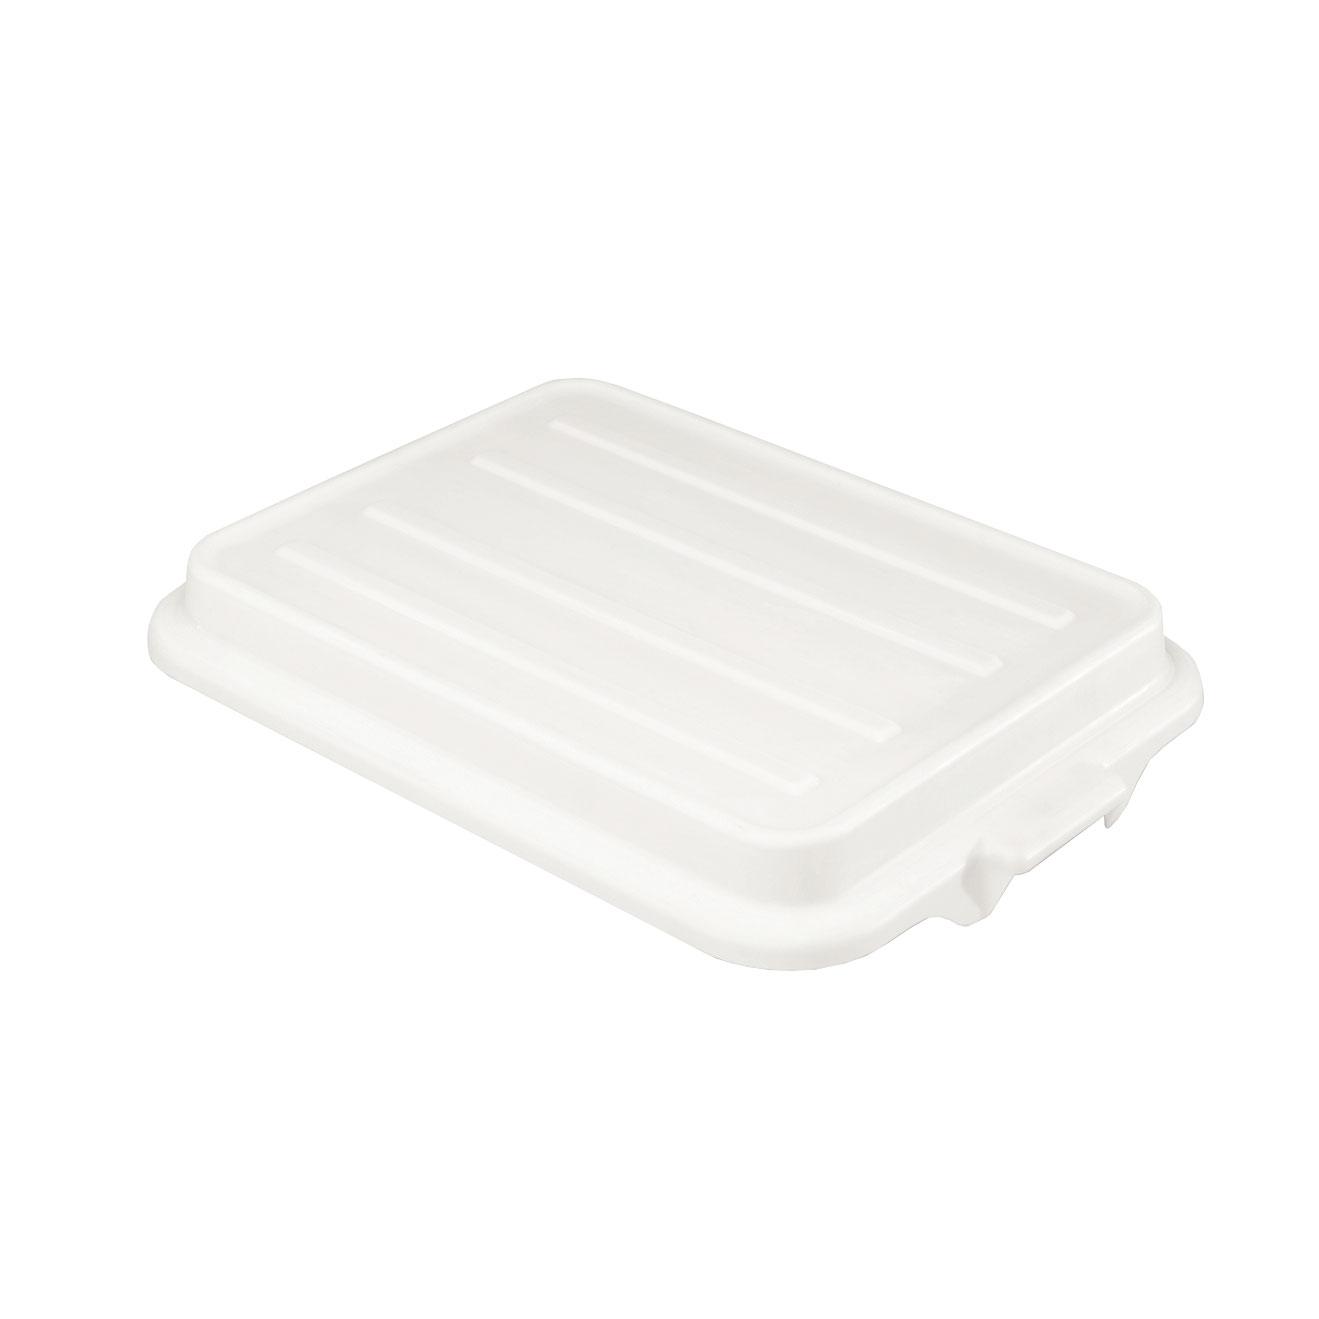 Vollrath 1500-C05 bus box / tub cover